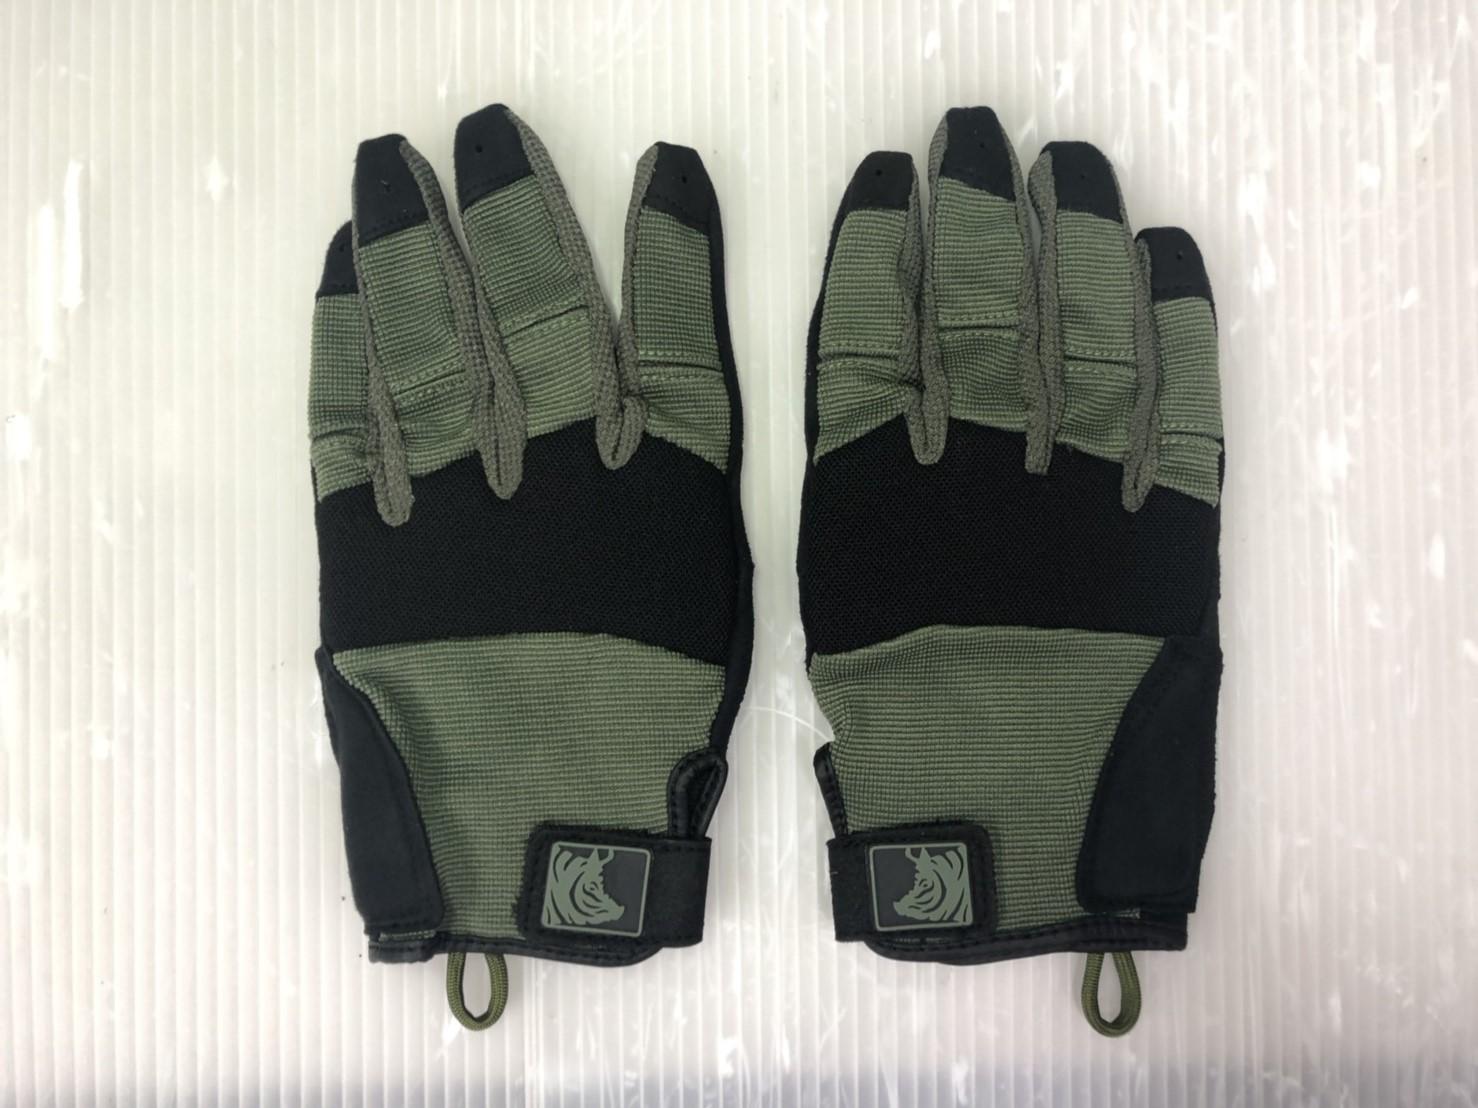 ポスト投函商品 PIG 装備品 レディース Charlie Women's Glove RG XSサイズ タクティカルグローブ サバゲー サバイバルゲーム 服装